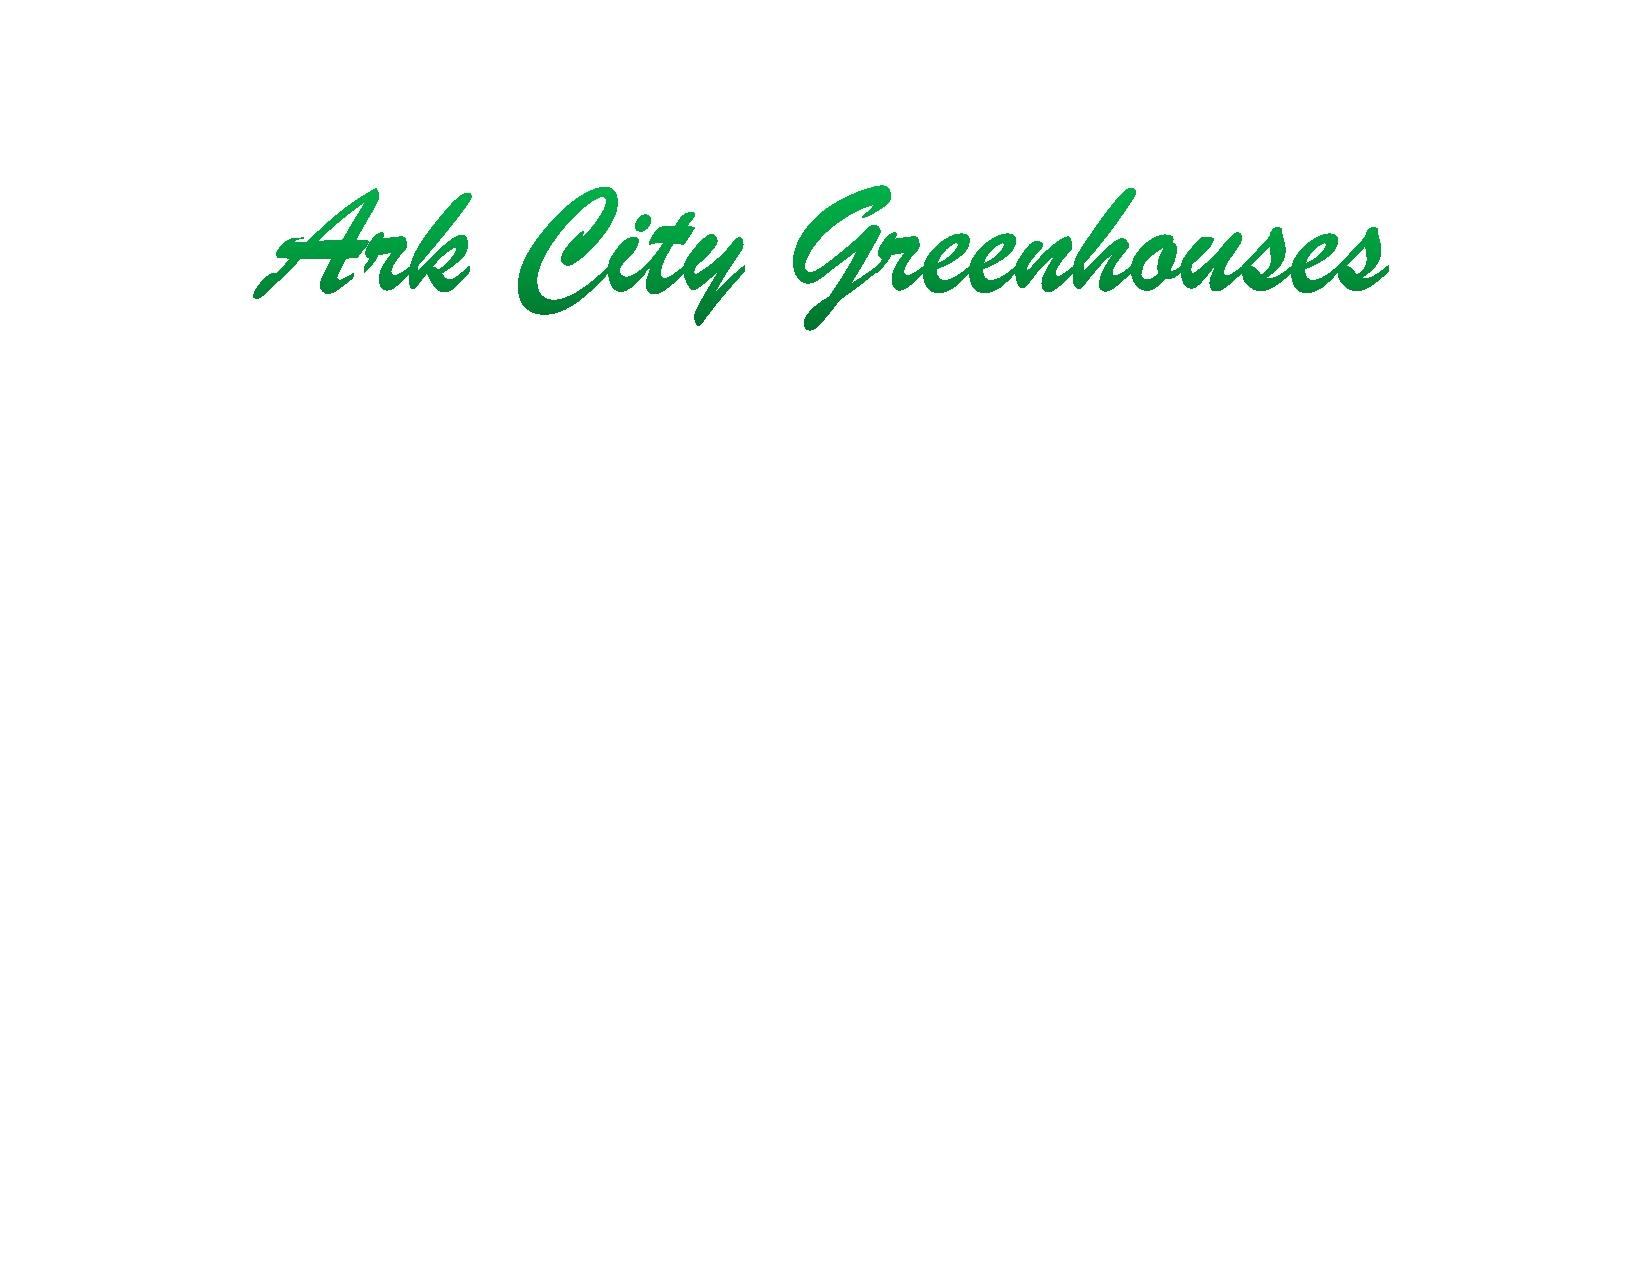 Ark City Greenhouses